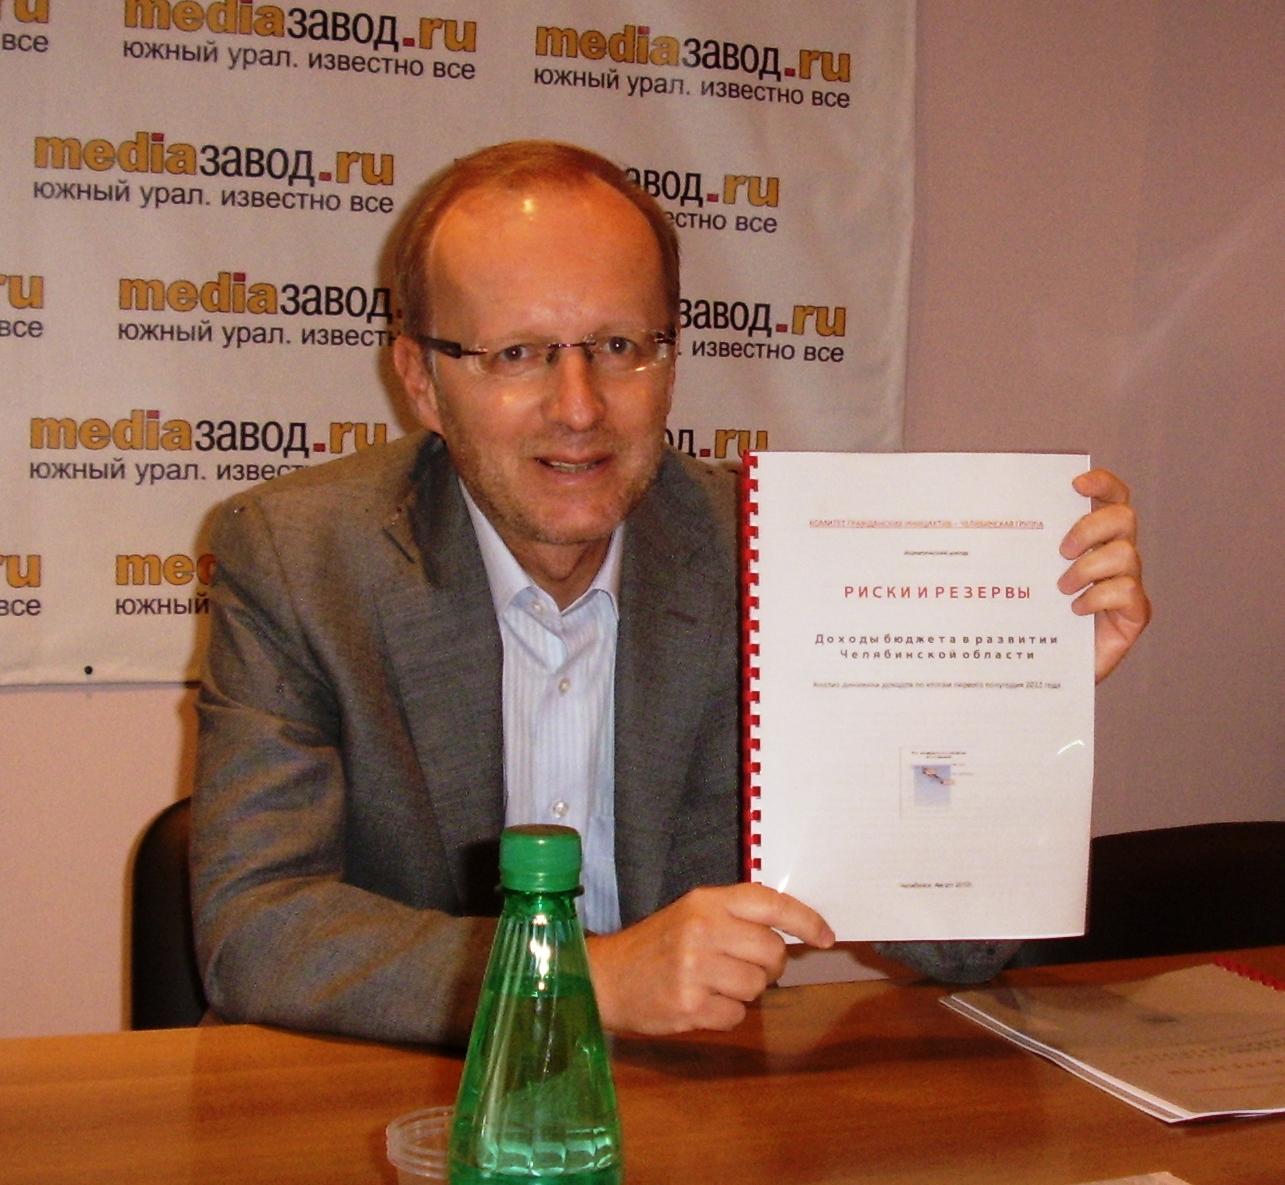 Созданная в июле 2012 года Челябинская группа Комитета гражданских инициатив (КГИ) уже в конце ав